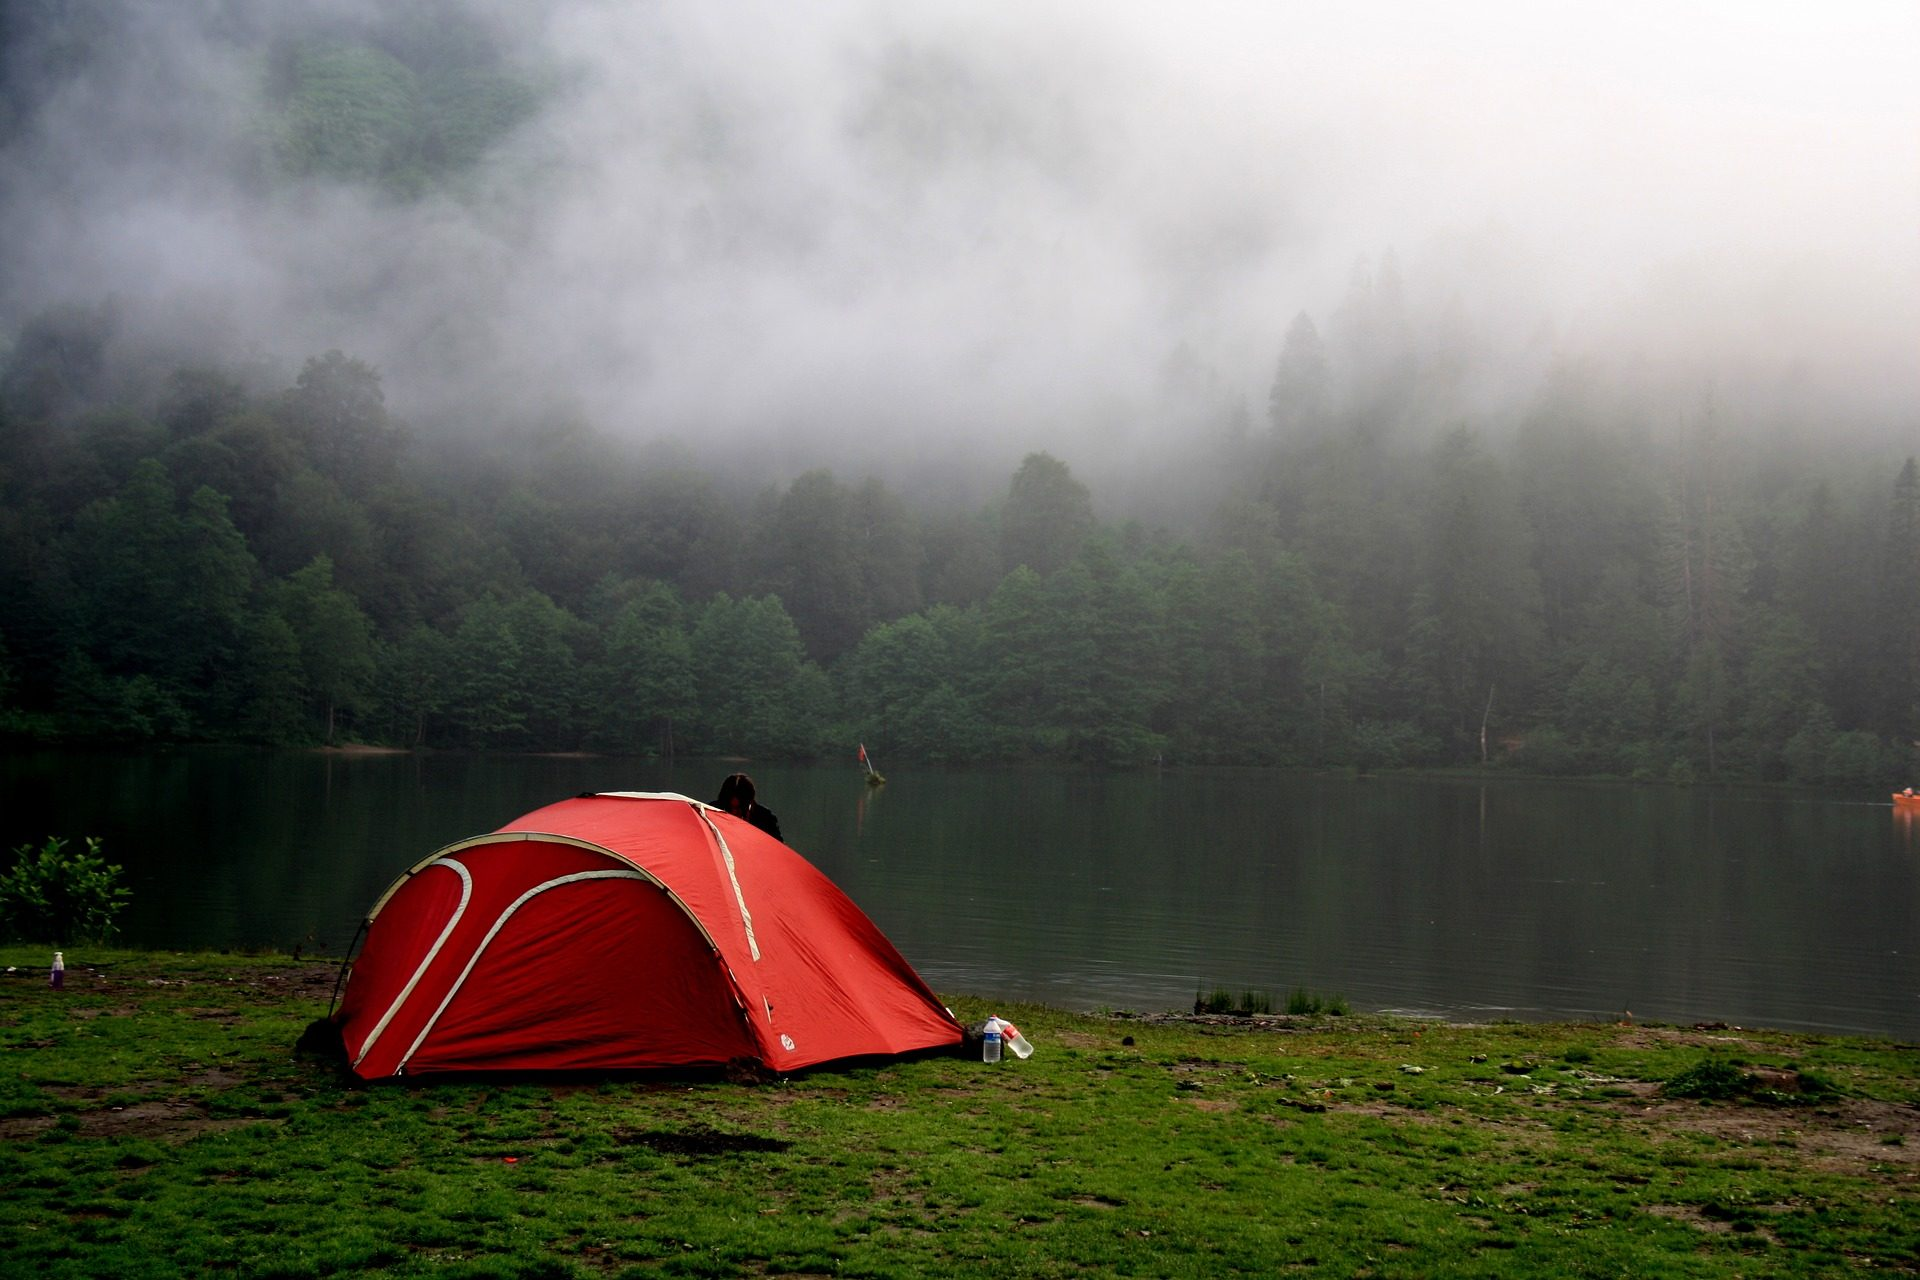 الغابات, الميدان, التخييم, بحيرة, متجر - خلفيات عالية الدقة - أستاذ falken.com